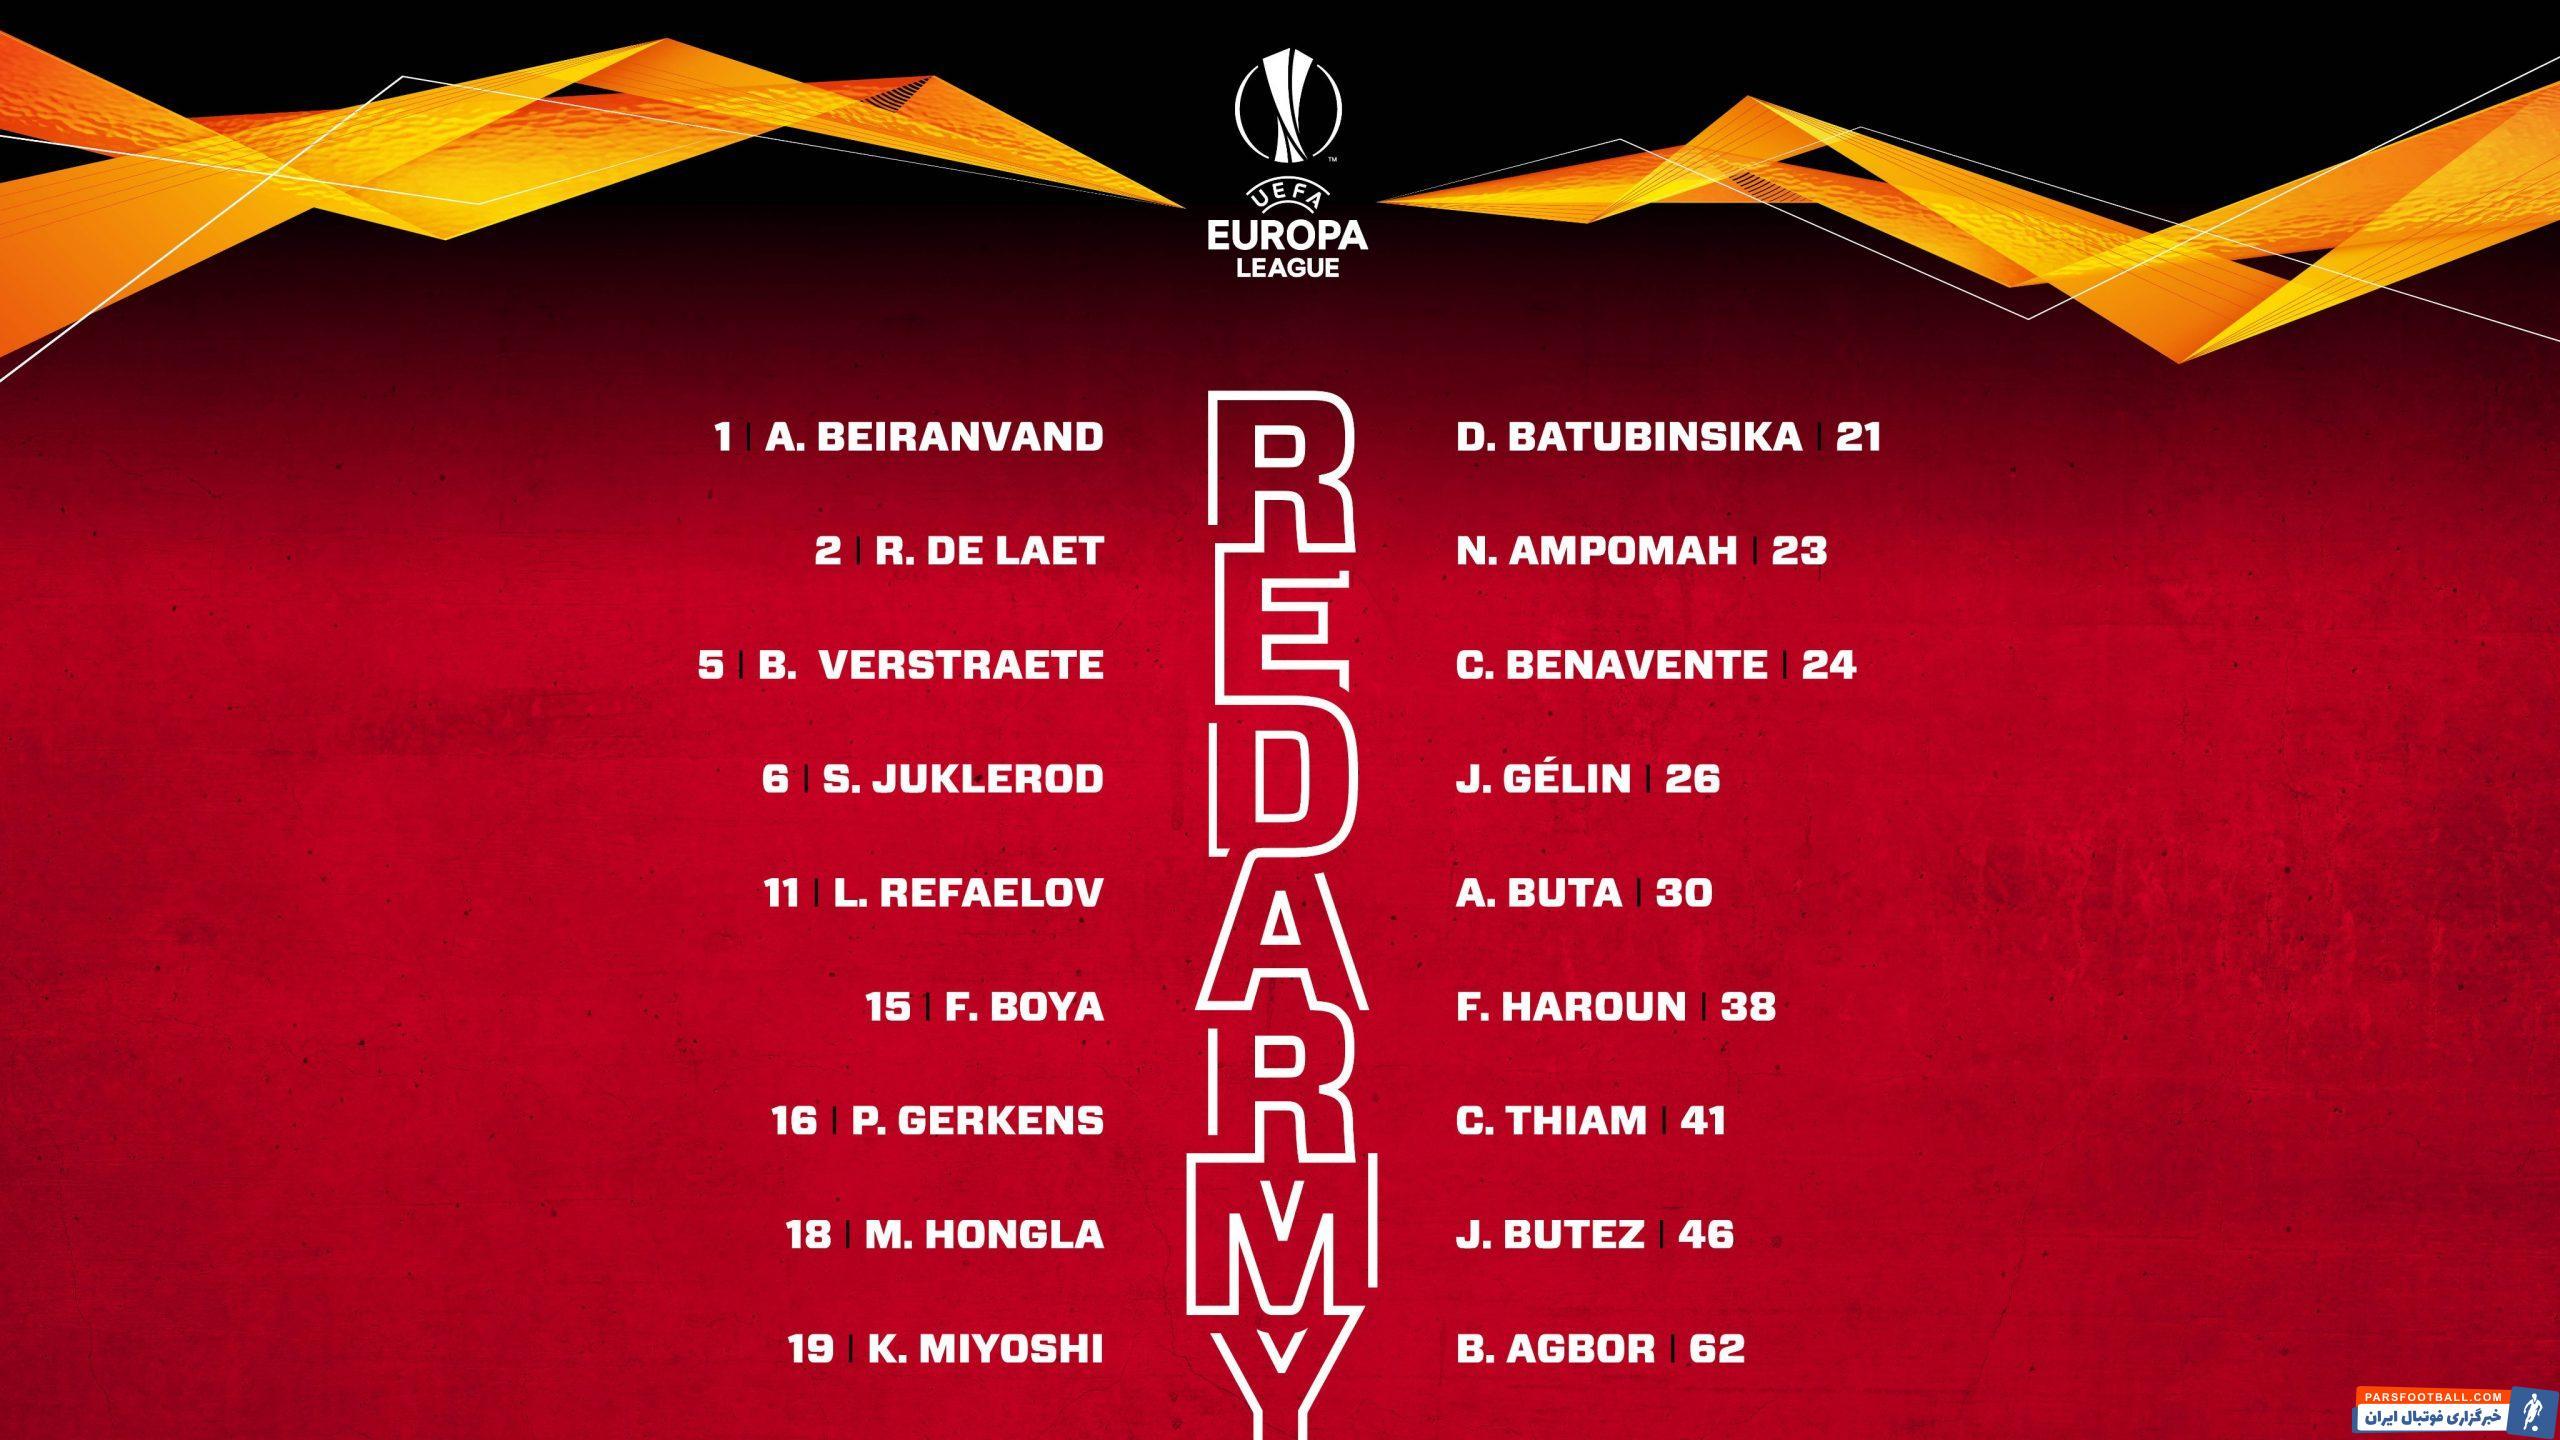 علیرضا بیرانوند دروازهبان ایرانی آنتورپ دوران مصدومیت را پشت سر گذاشته و امیدوار به انجام نخستین بازی برای تیمش در لیگ اروپا است.